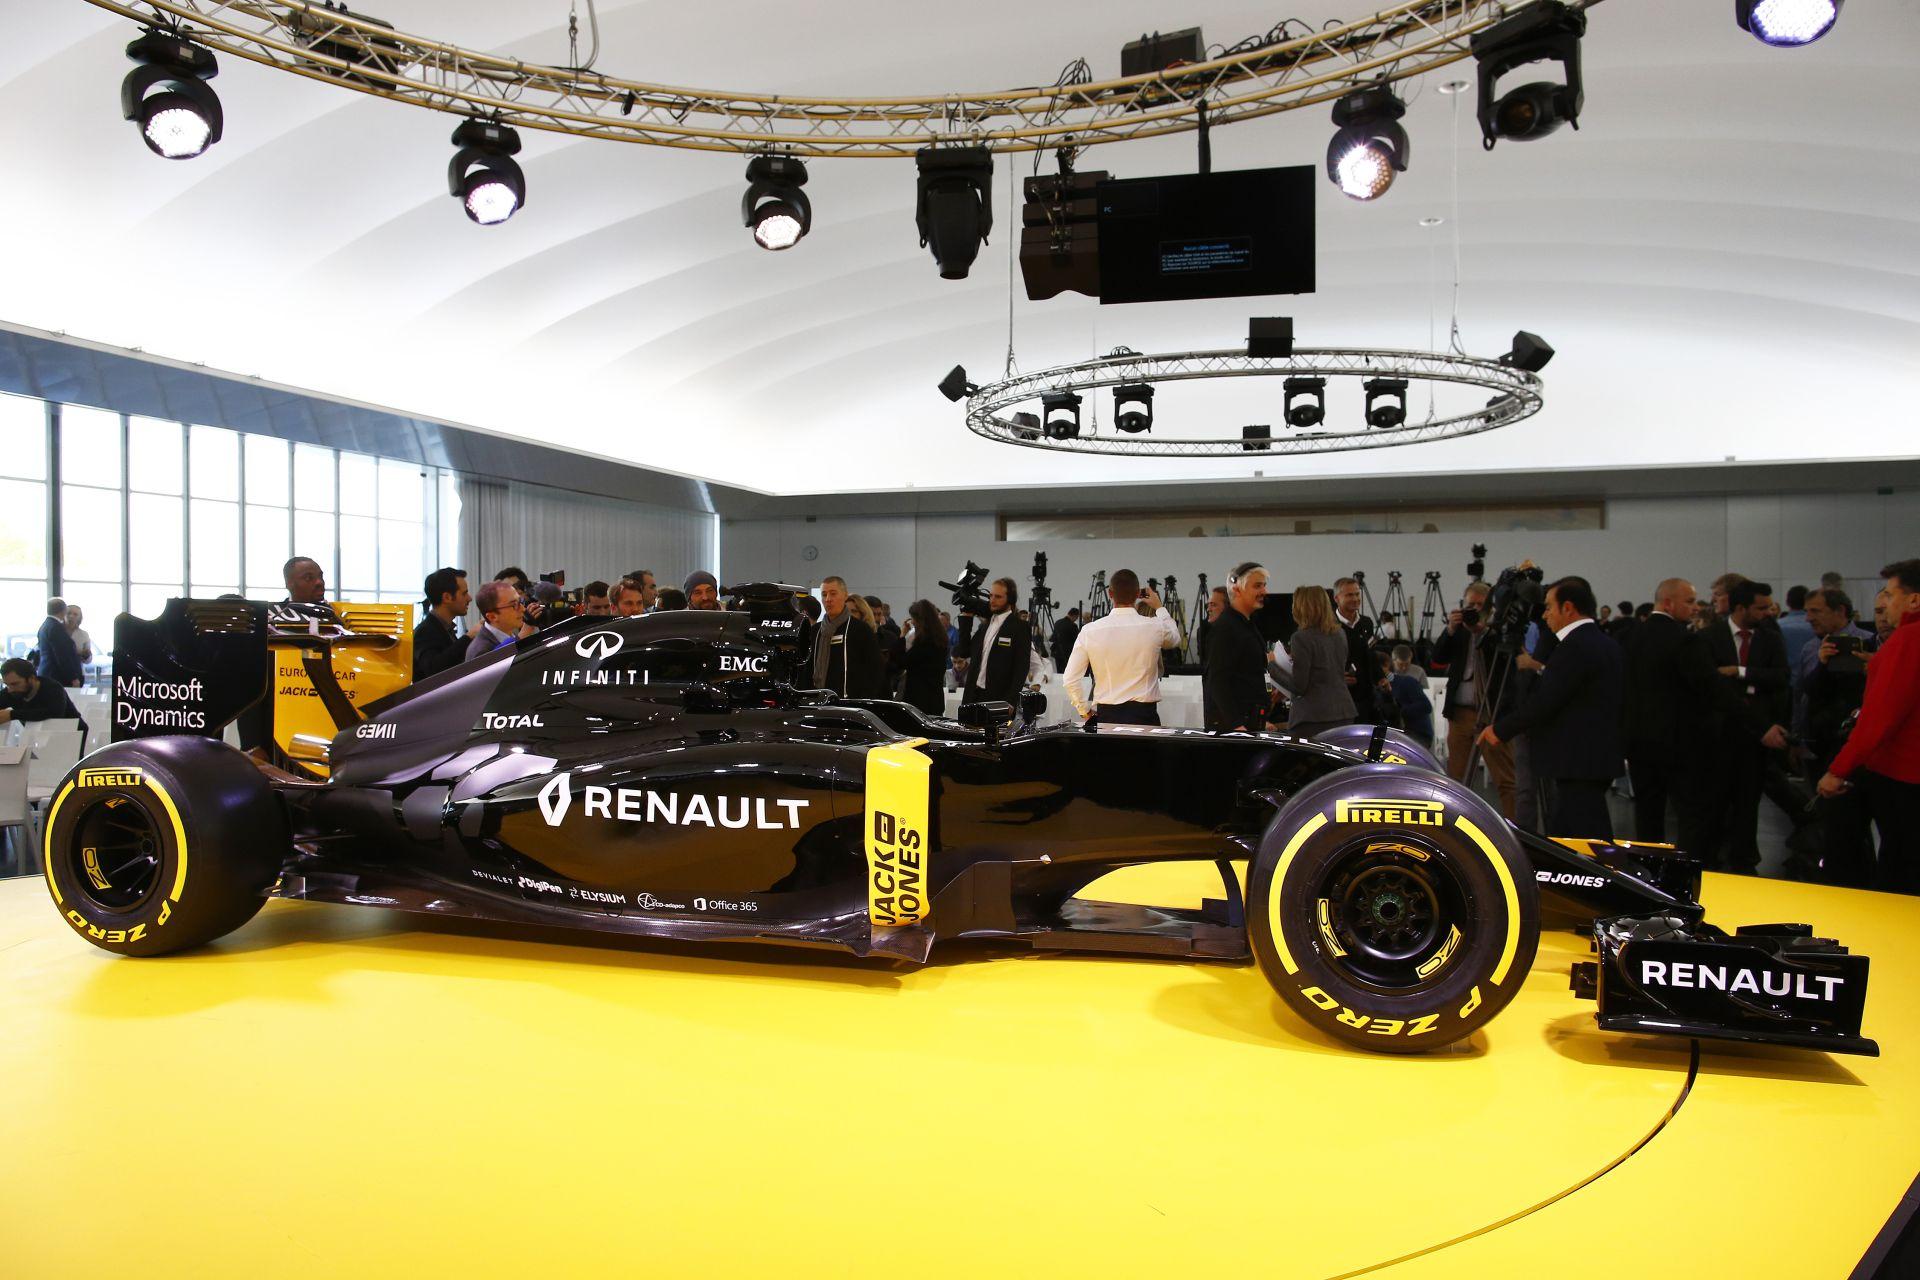 Renault: beszélhetünk számokról, az a lényeg, mit mutatsz a pályán